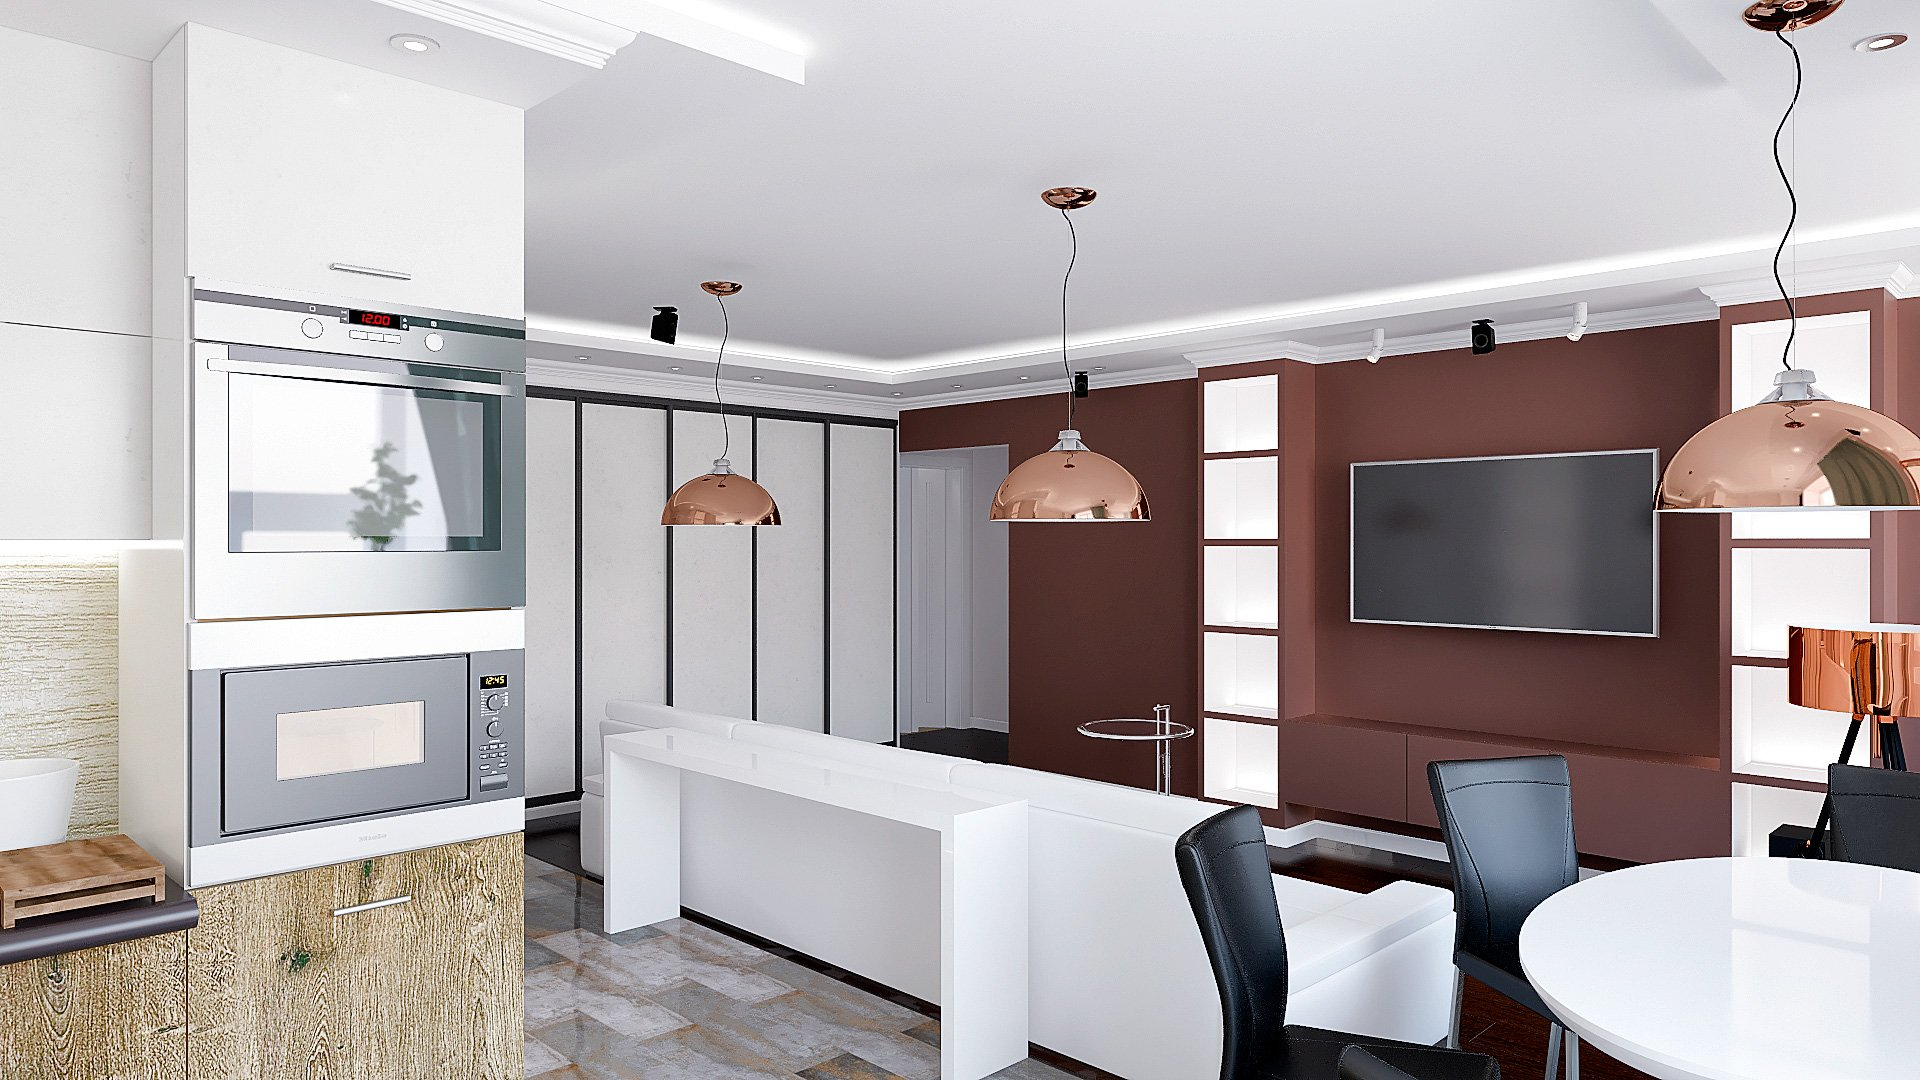 Дизайн интерьера квартиры в Гомеле, Зона кухни-гостиной-прихожая, белый диван, темно-коричневая стена, полки с подсветкой, подвесные светильники, интерьер гостиной в гомеле в современном стиле №2